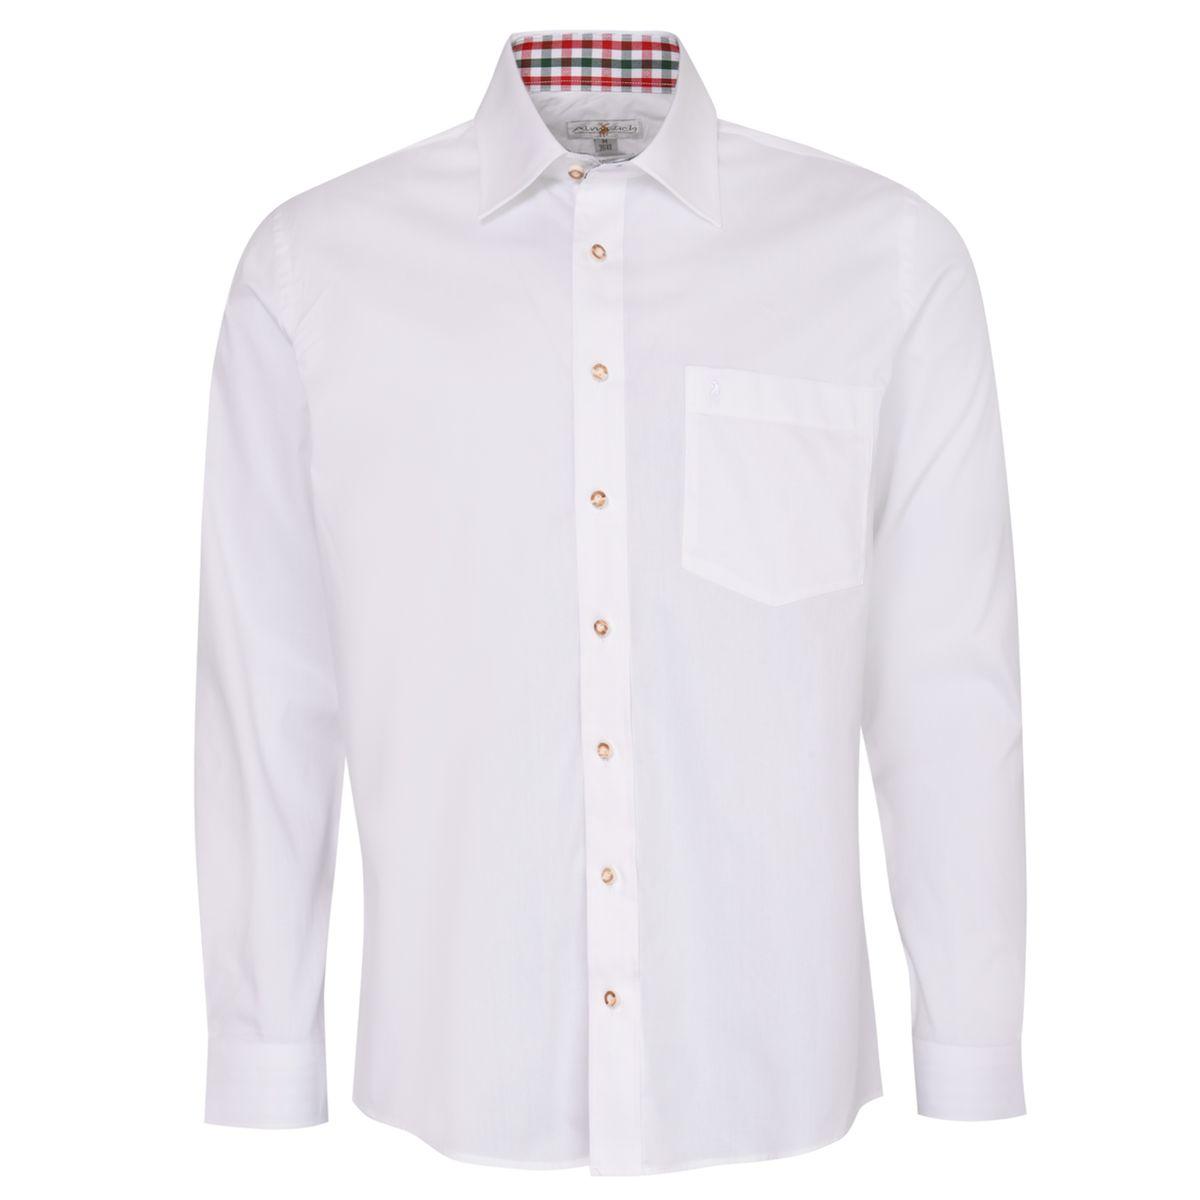 Trachtenhemd Harald Regular Fit zweifarbig in Weiß und Rot von Almsach günstig online kaufen